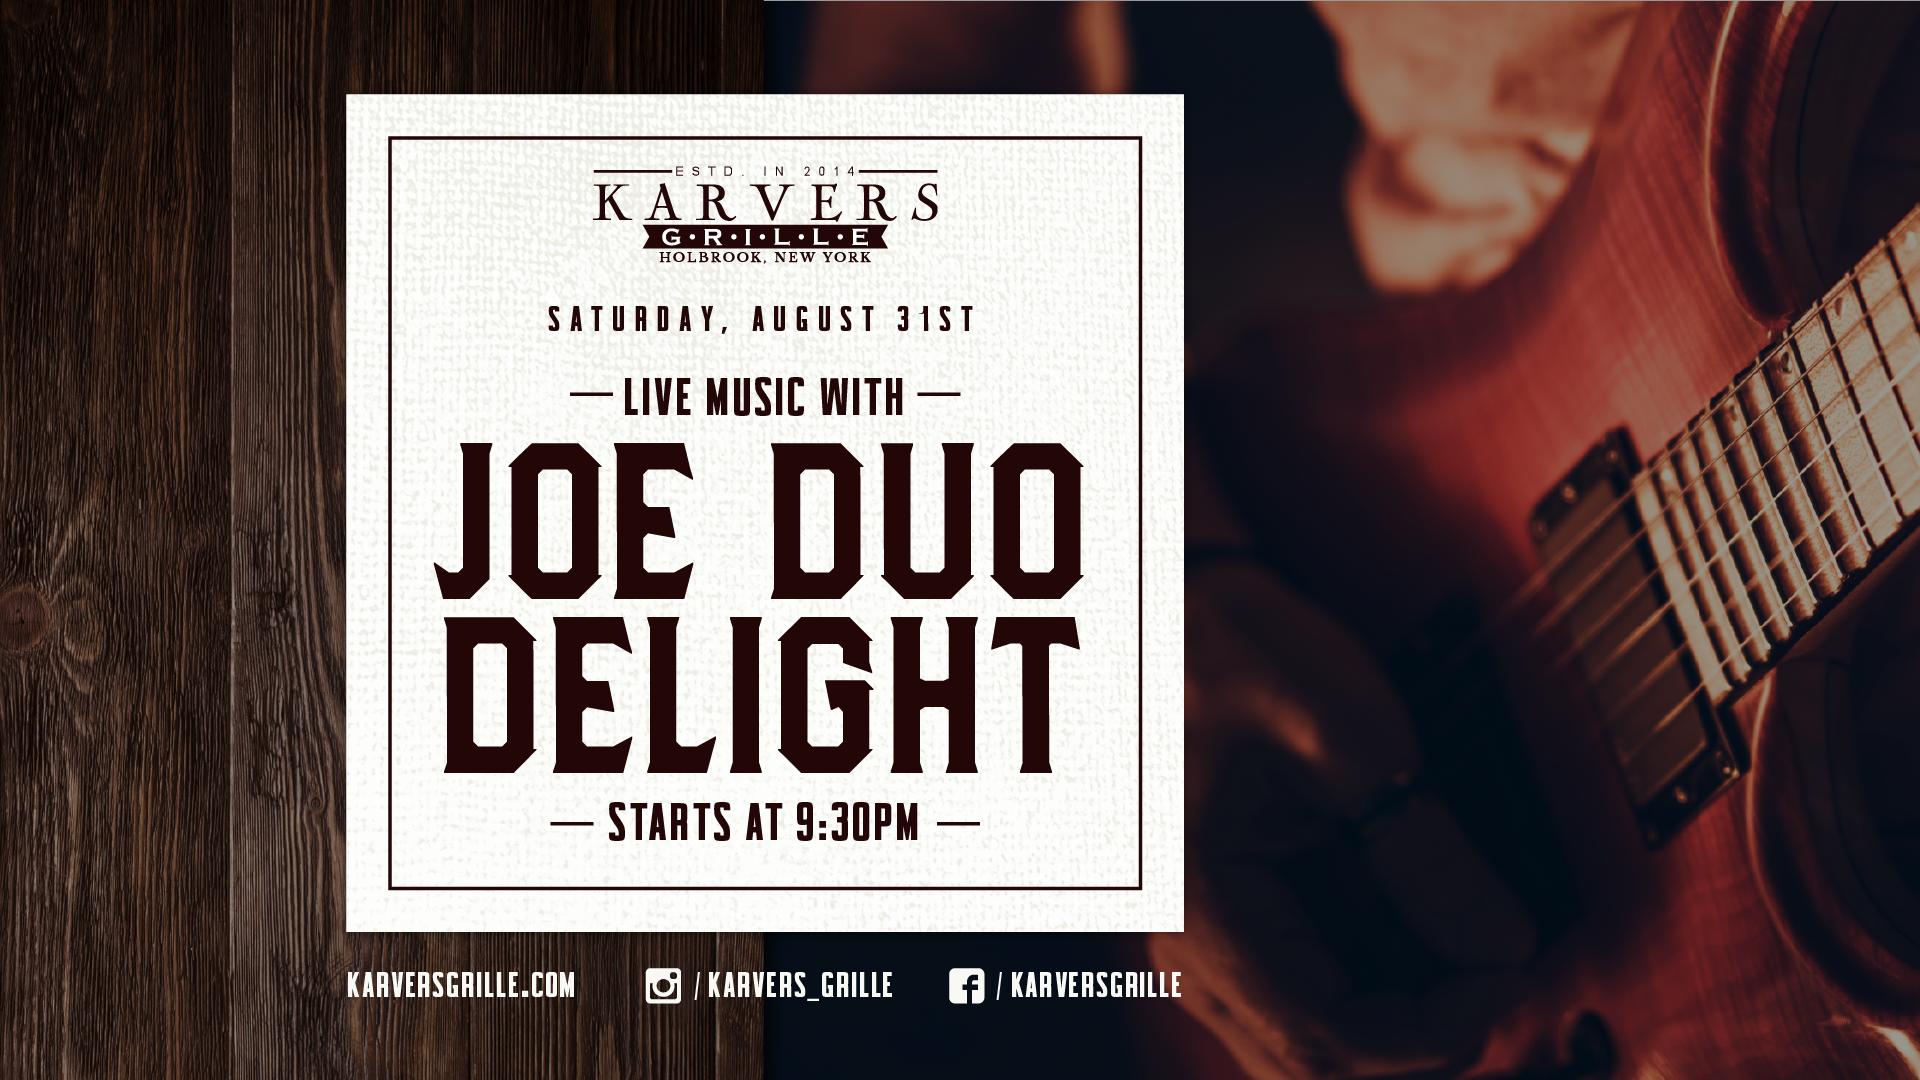 Joe Duo Delight